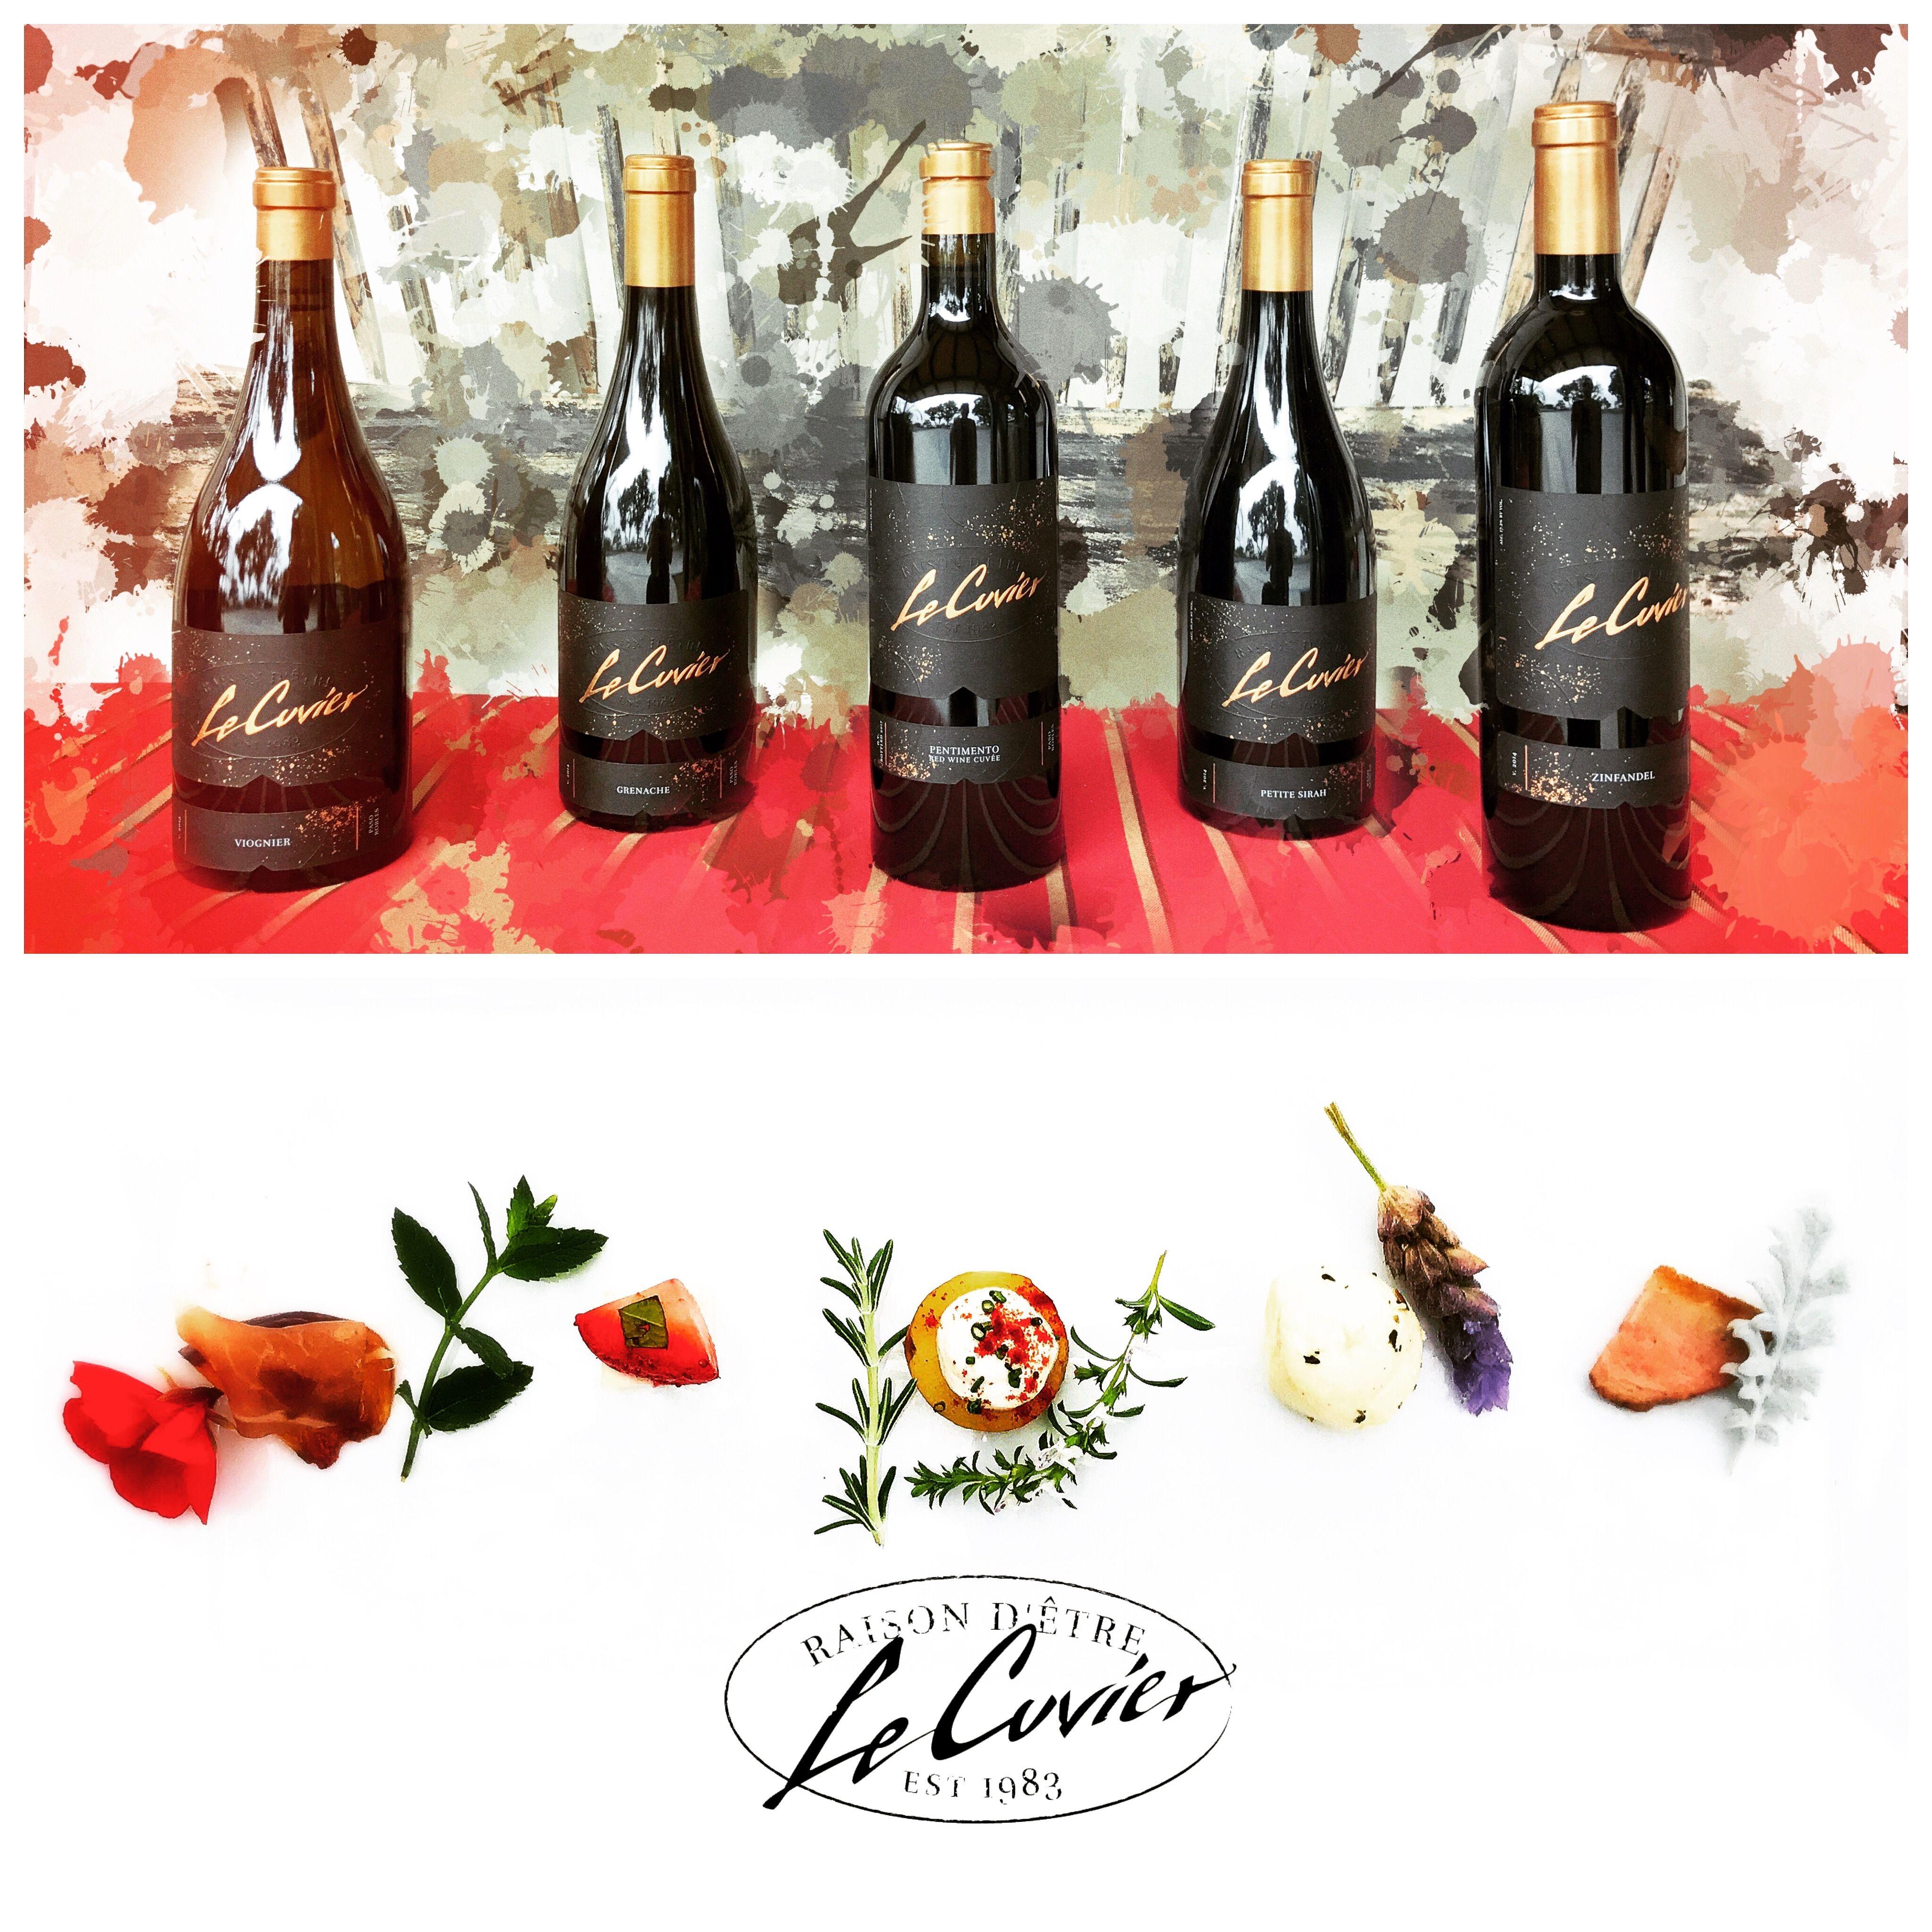 Le Cuvier Wine Food Pairing Wine Pairing Wine